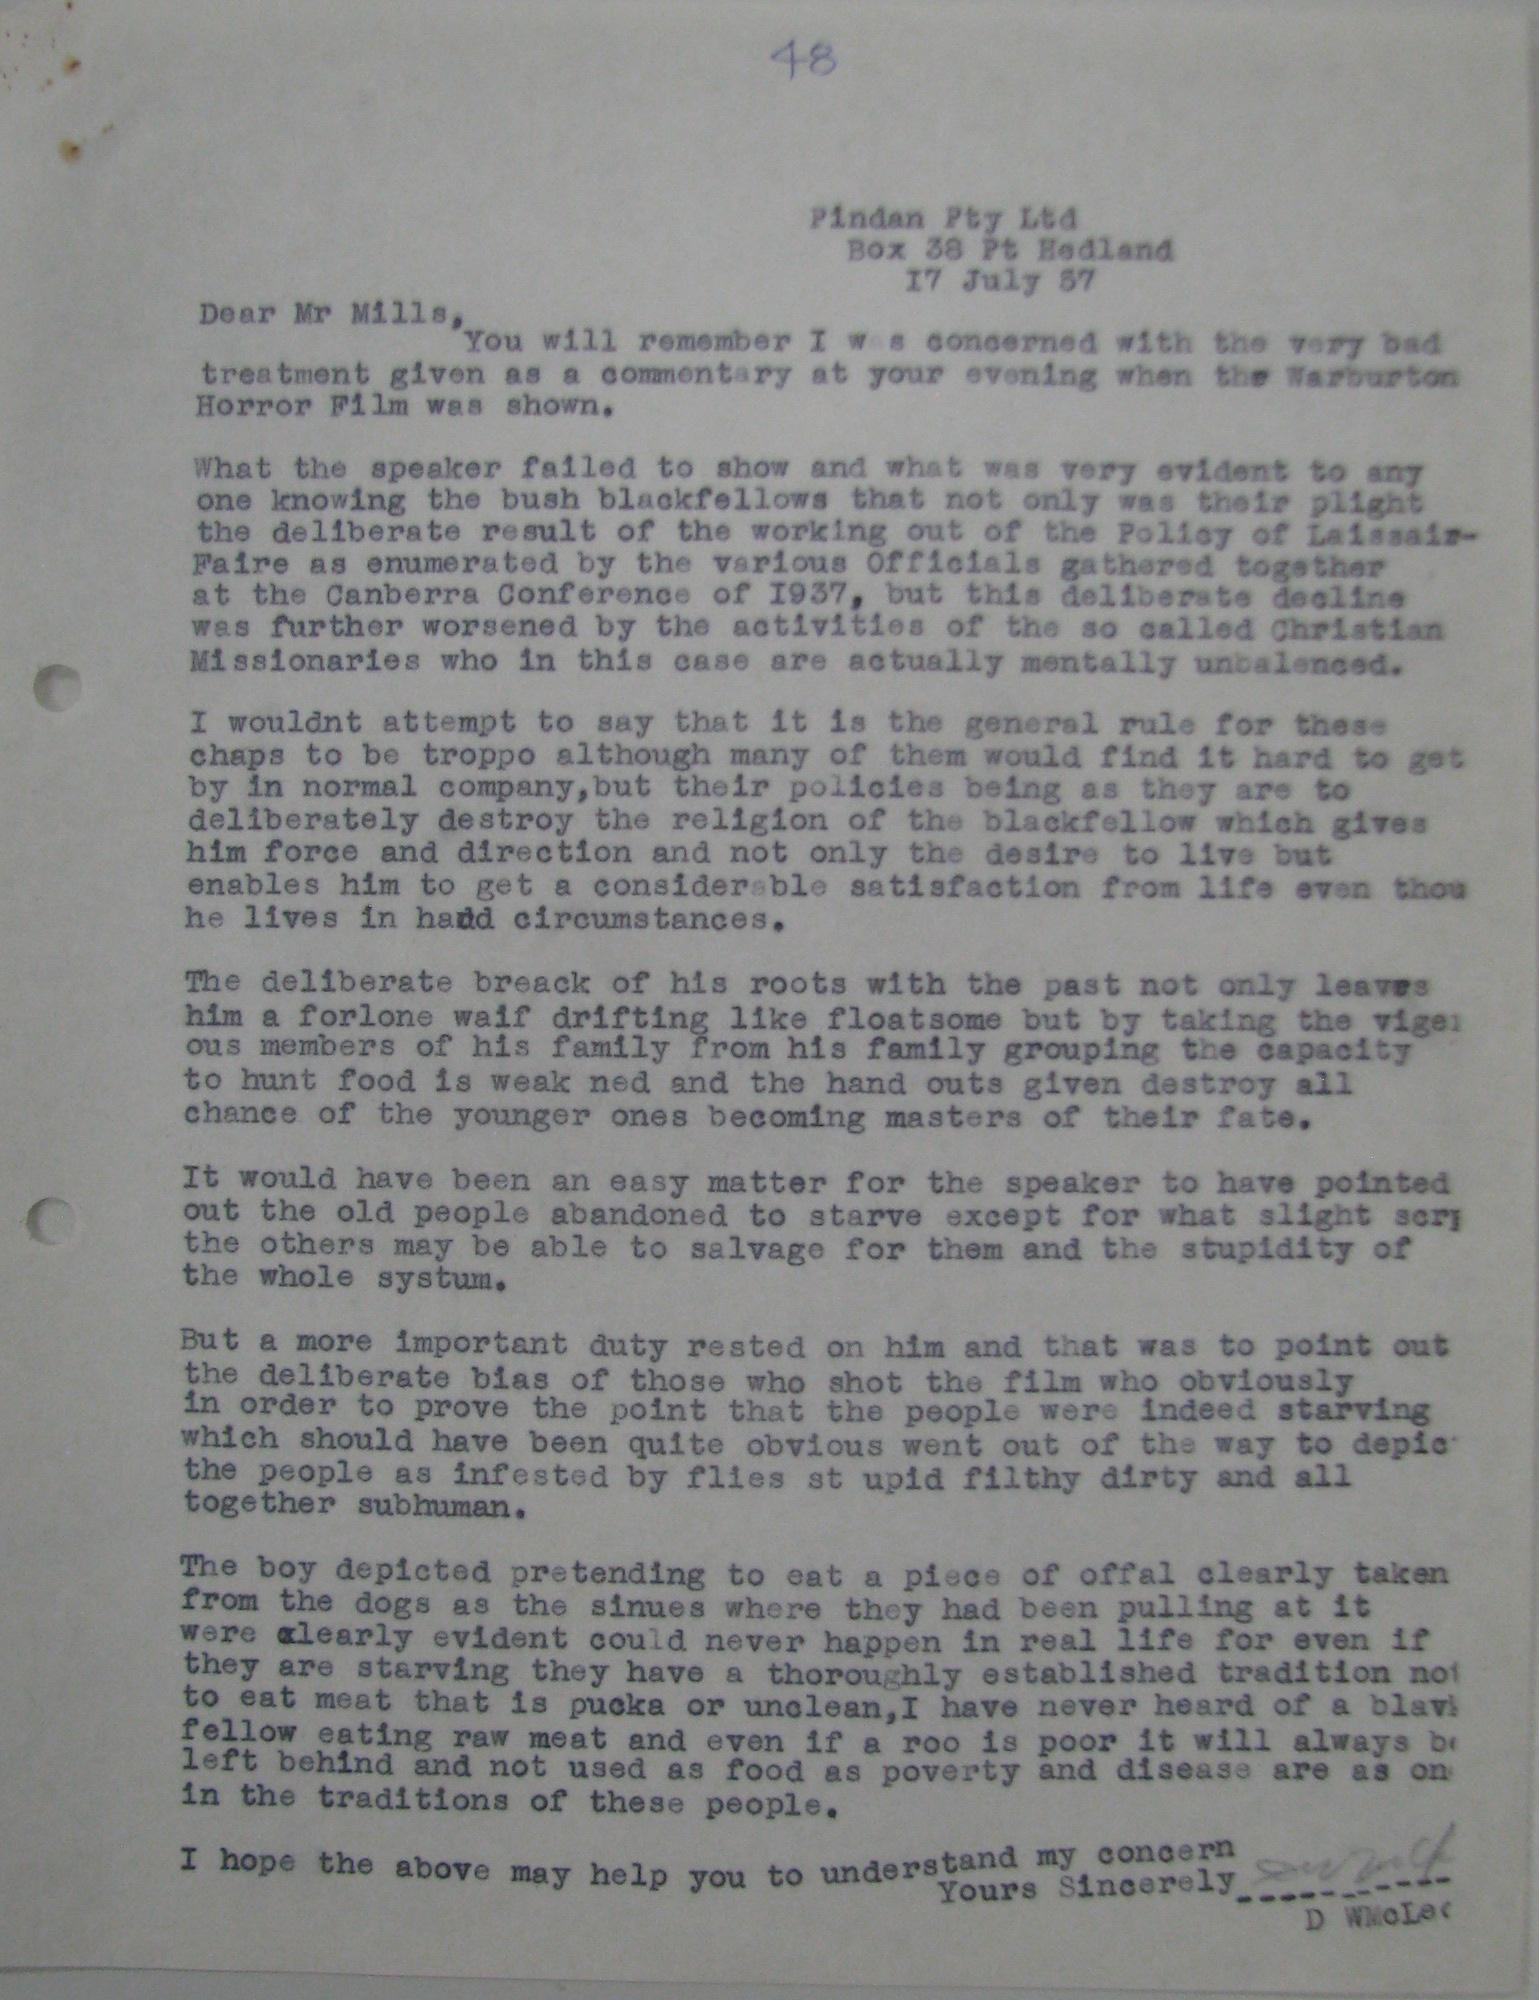 Don McLeod to John Mills [Millar], 17 July 1957